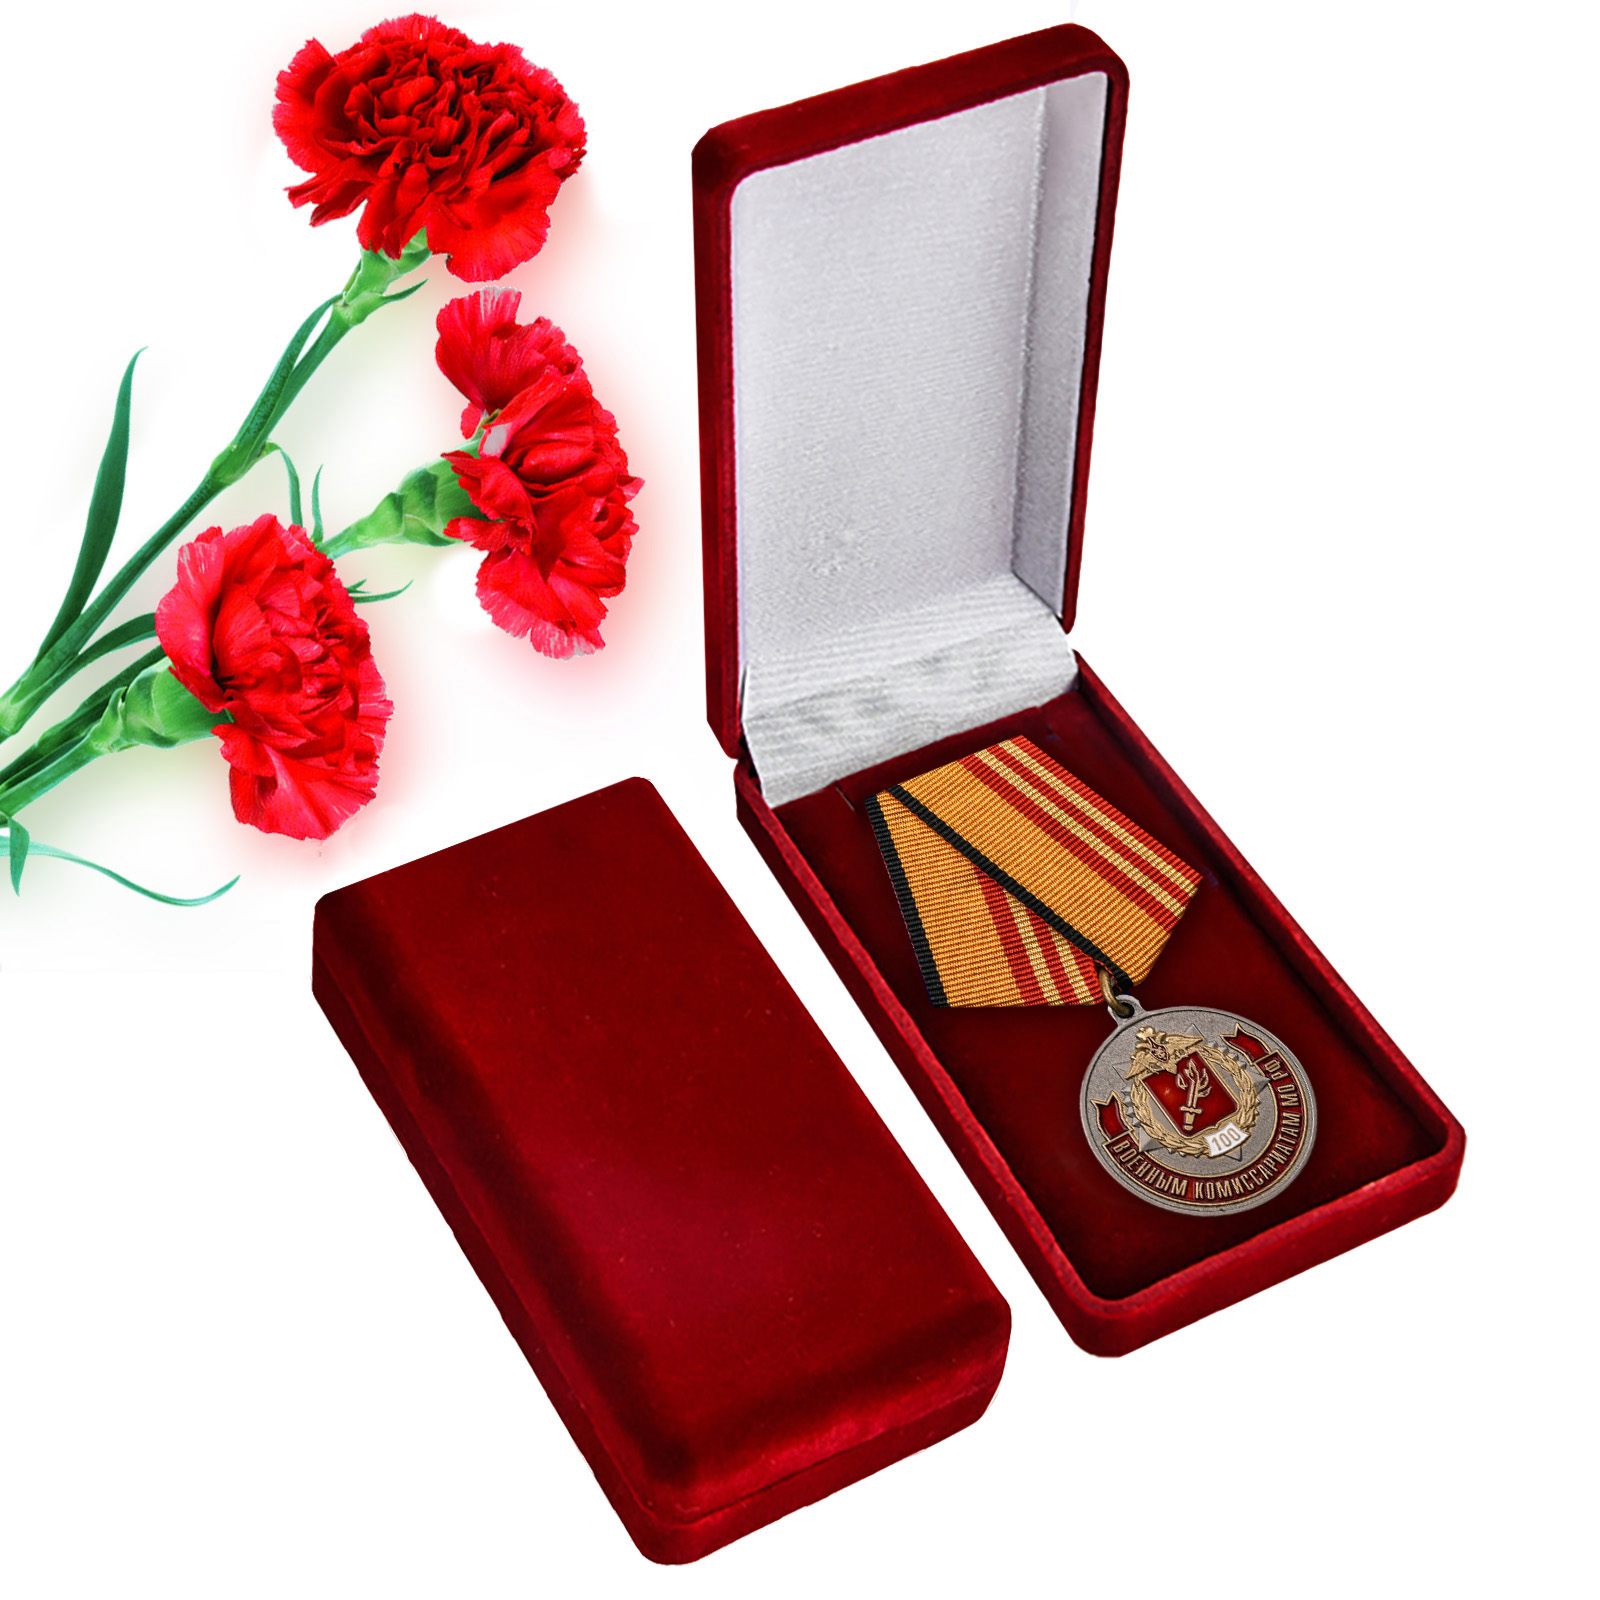 Купить юбилейную медаль 100 лет Военным комиссариатам МО РФ оптом выгодно